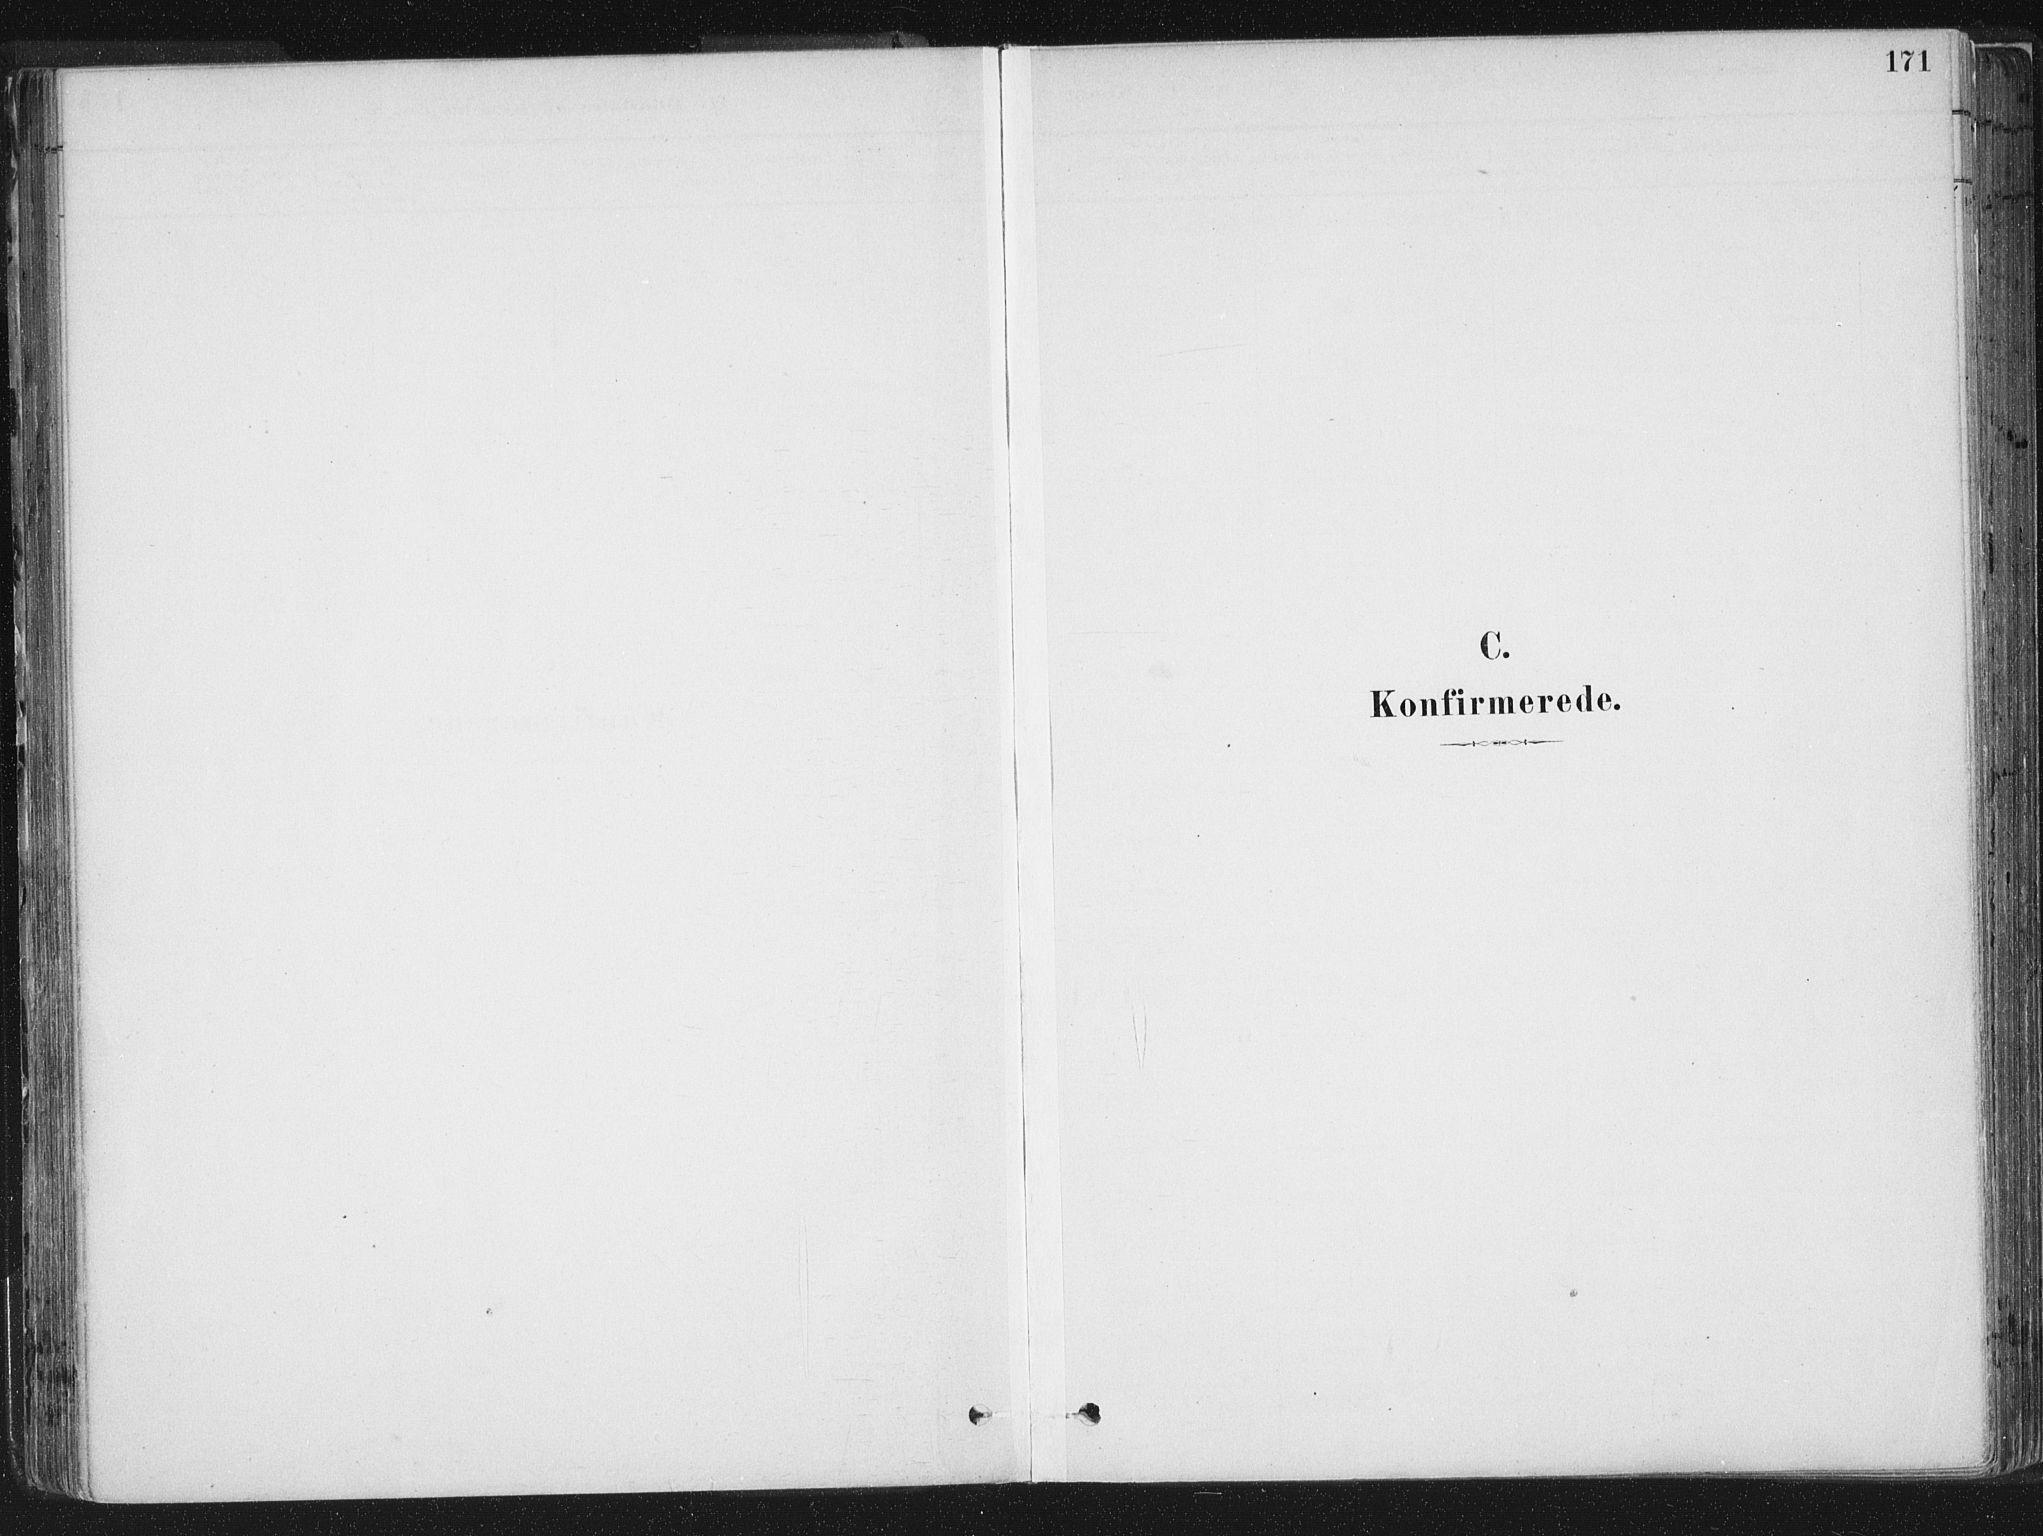 SAT, Ministerialprotokoller, klokkerbøker og fødselsregistre - Sør-Trøndelag, 659/L0739: Ministerialbok nr. 659A09, 1879-1893, s. 171